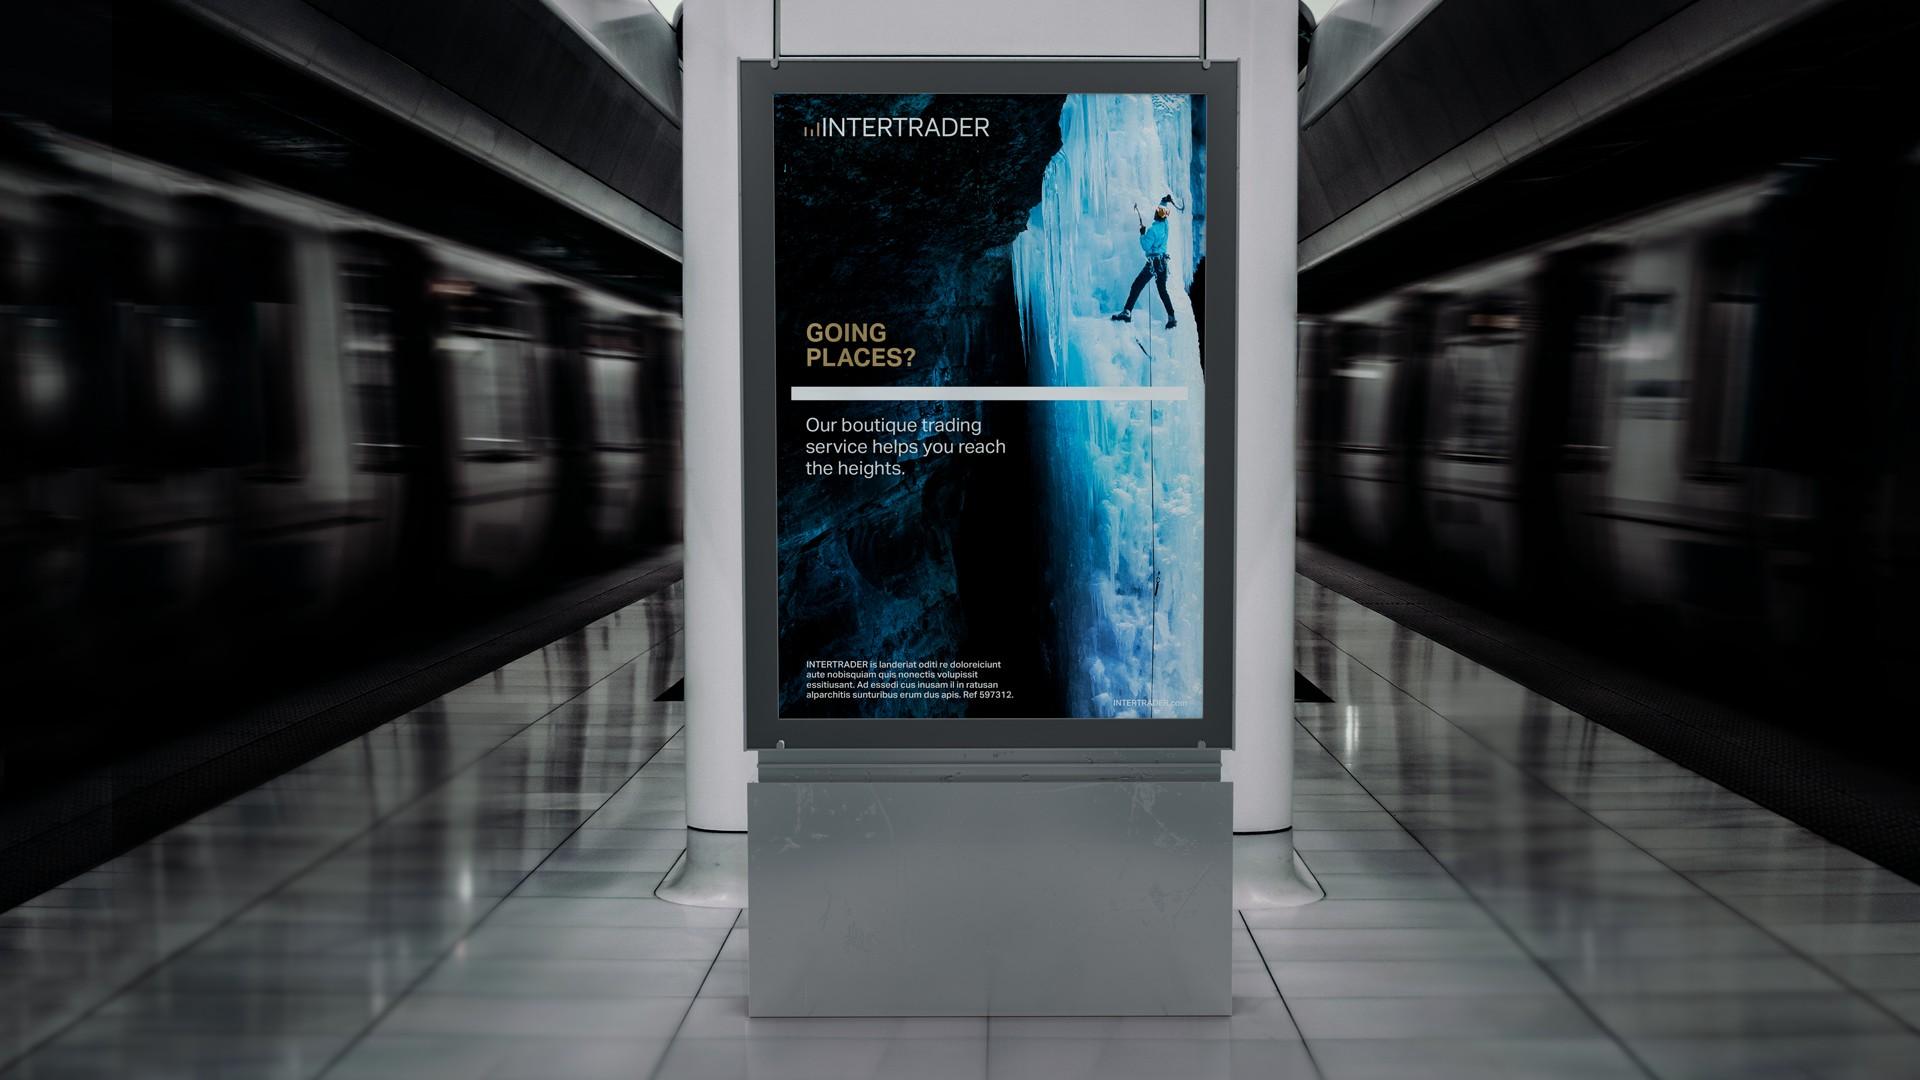 Advertising Board in Underground Station